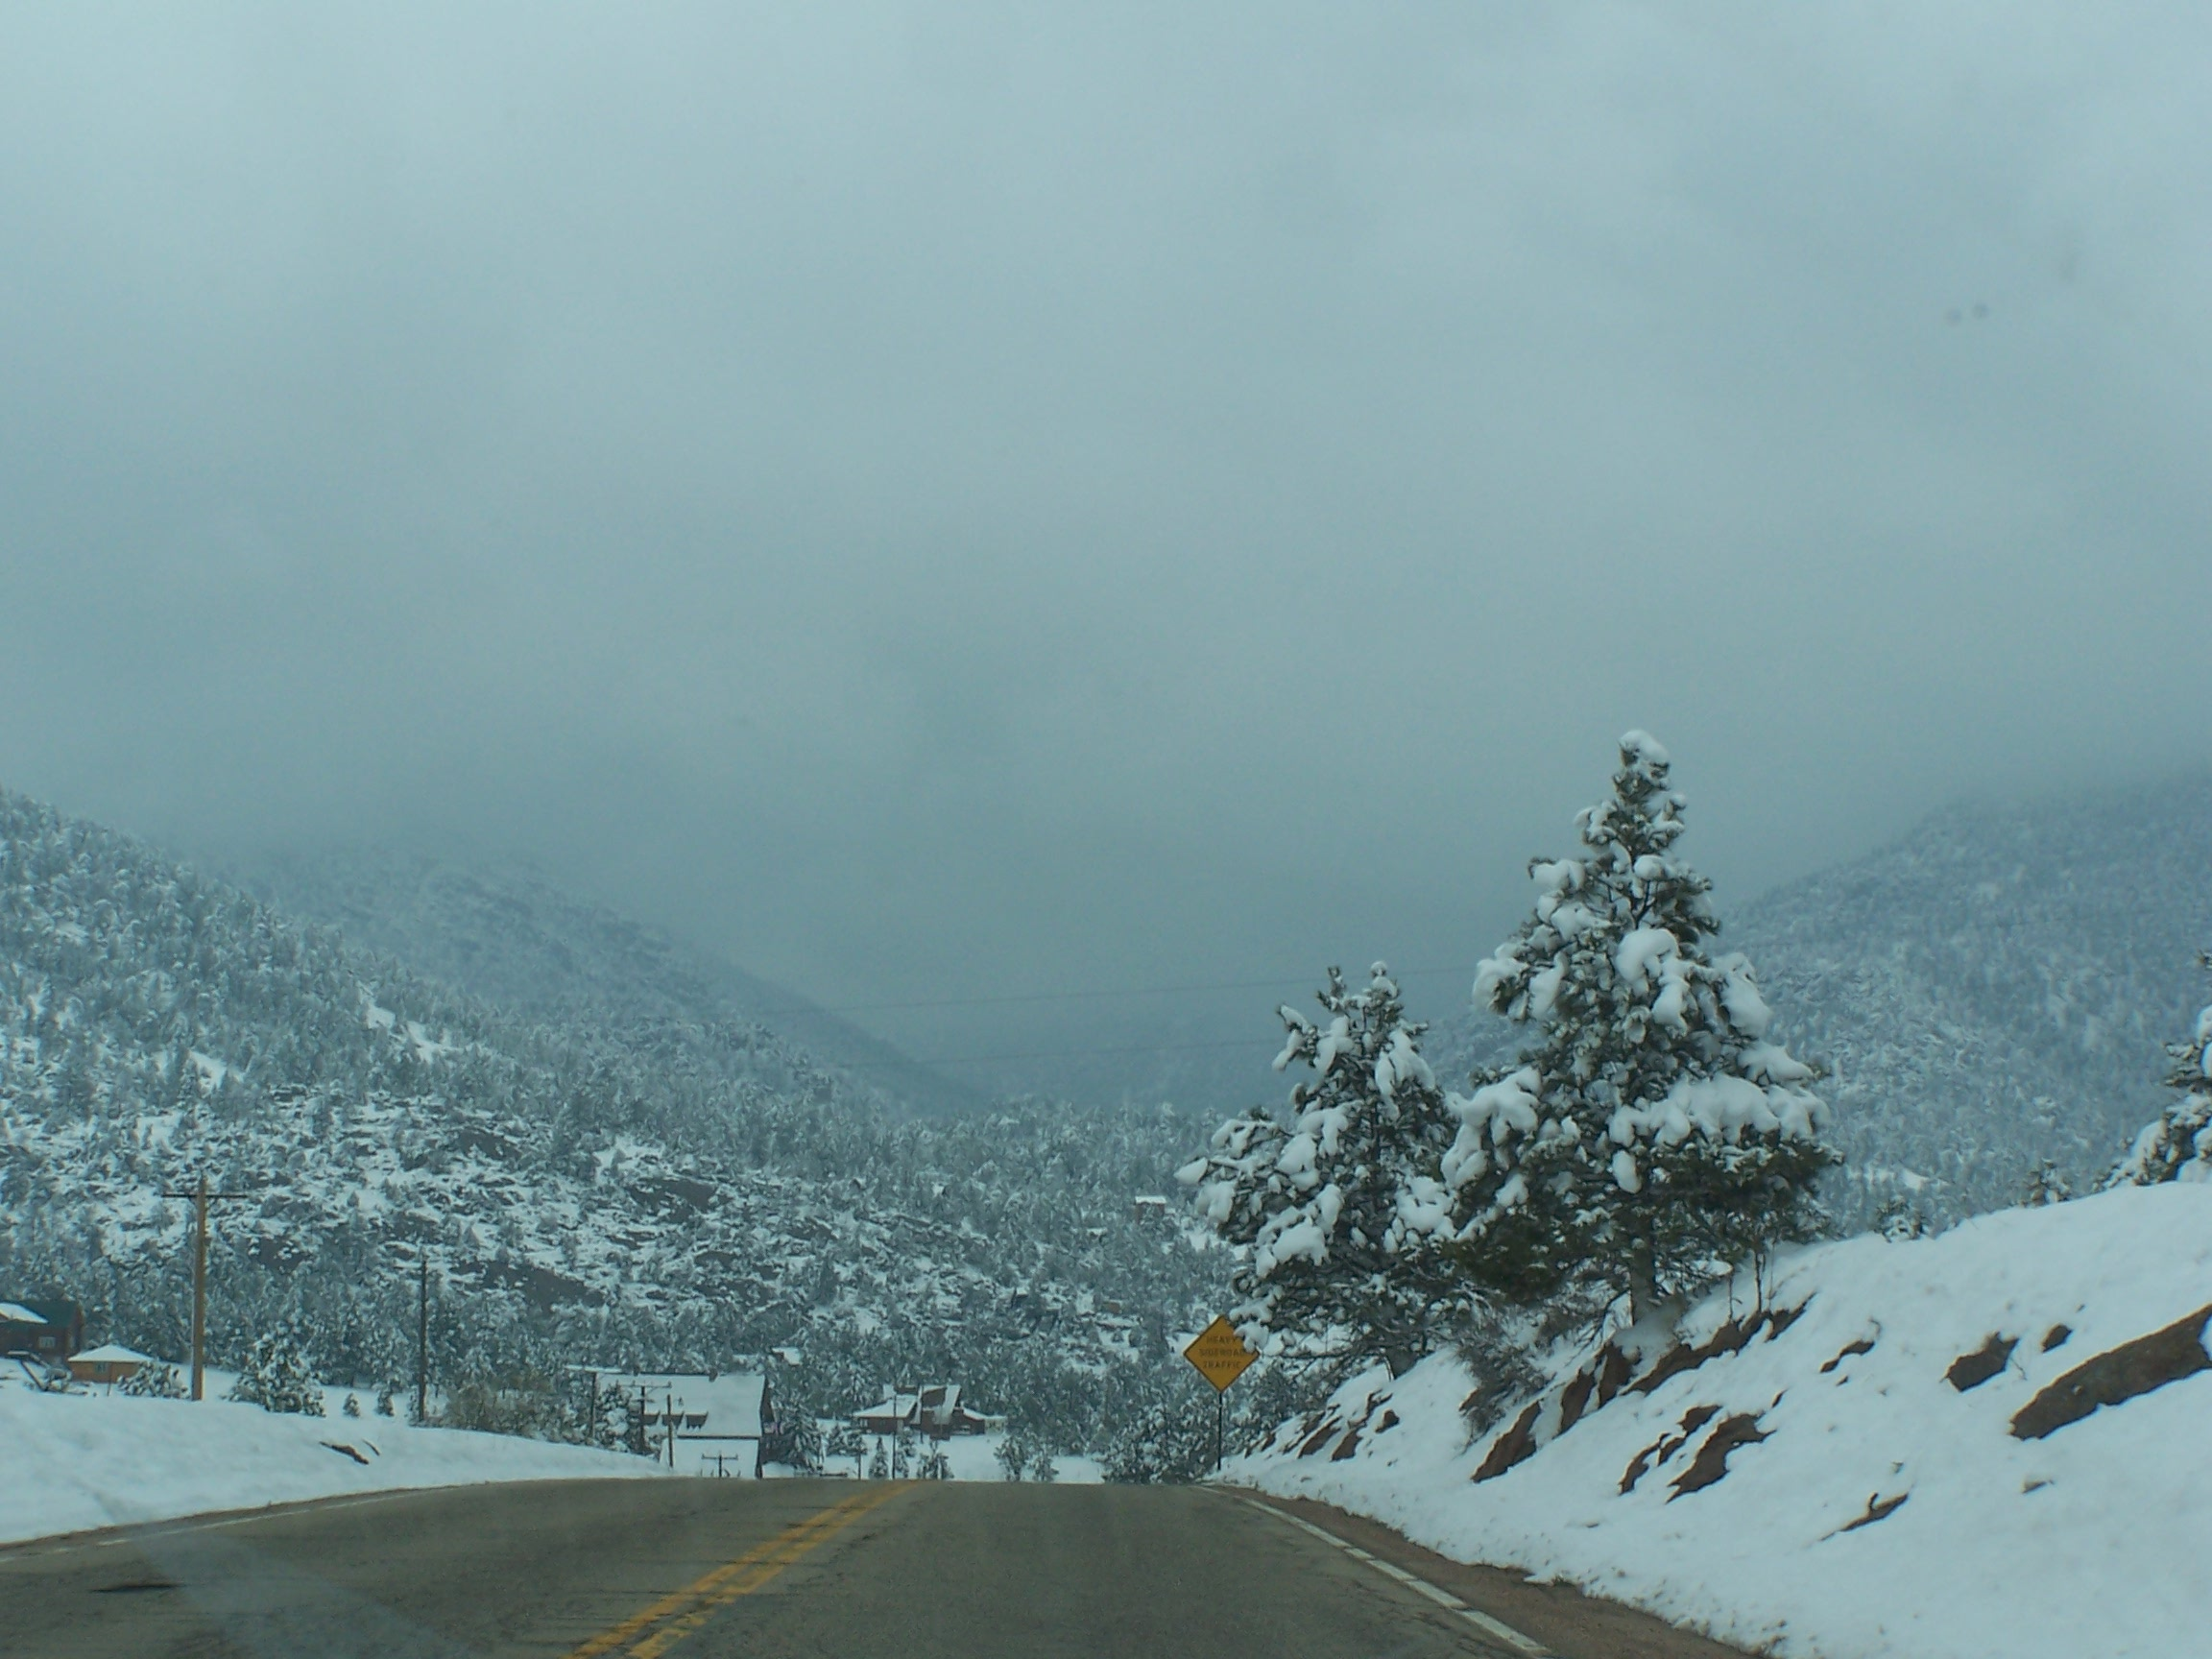 near Estes Park, CO